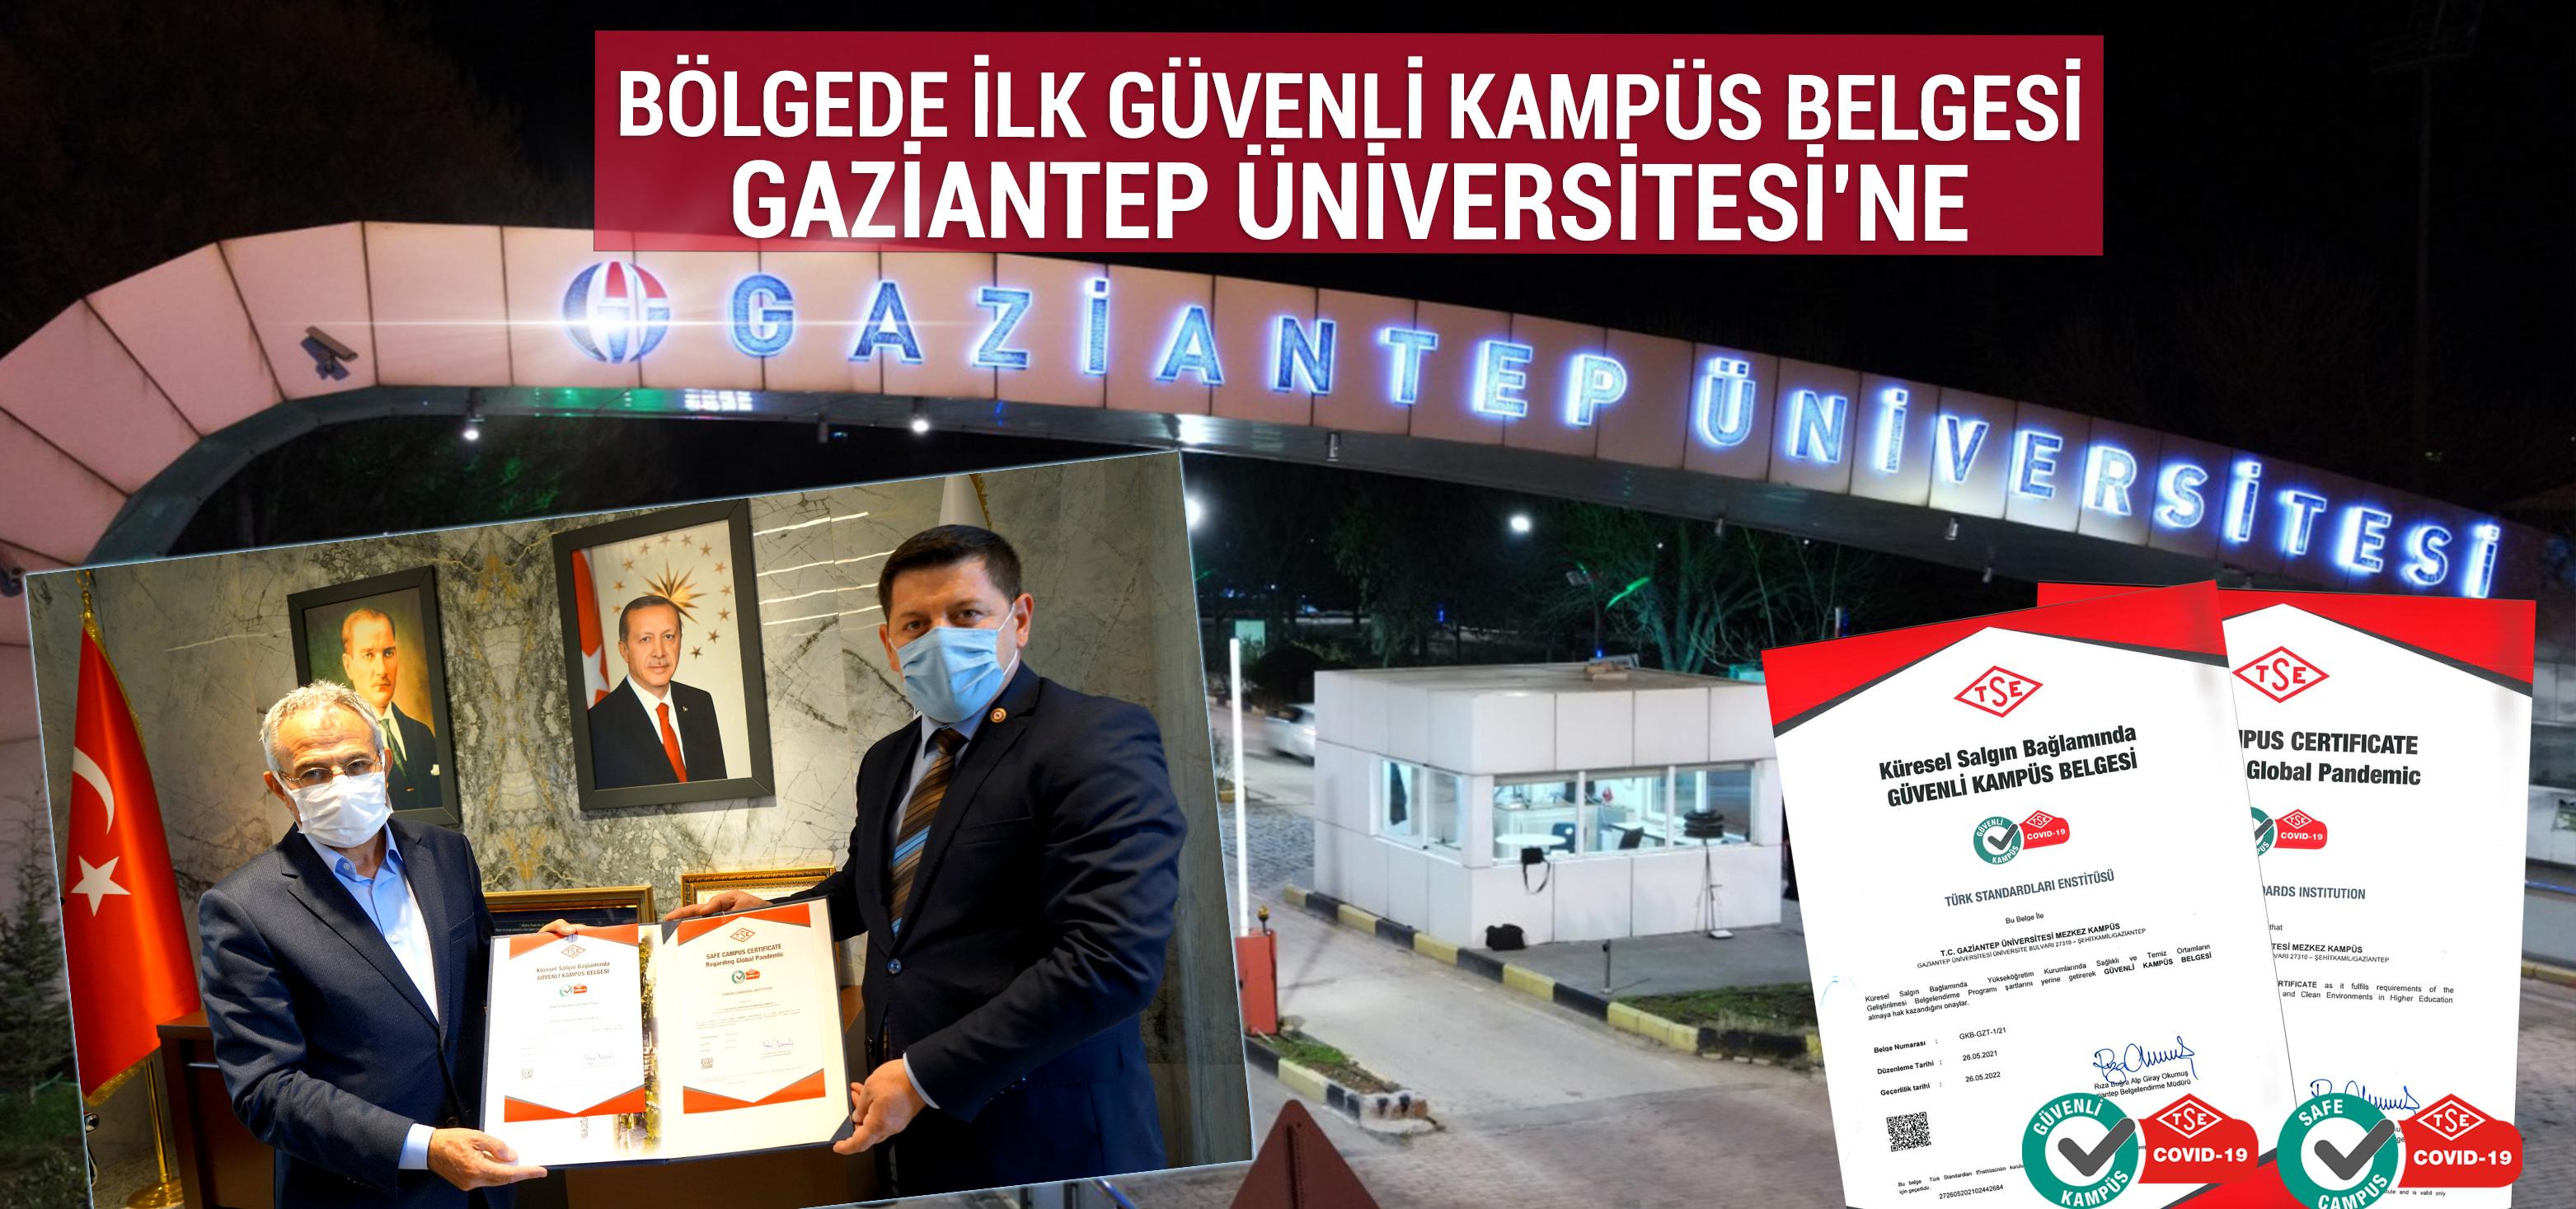 GAZİANTEP ÜNİVERSİTESİ MERKEZ KAMPÜS__